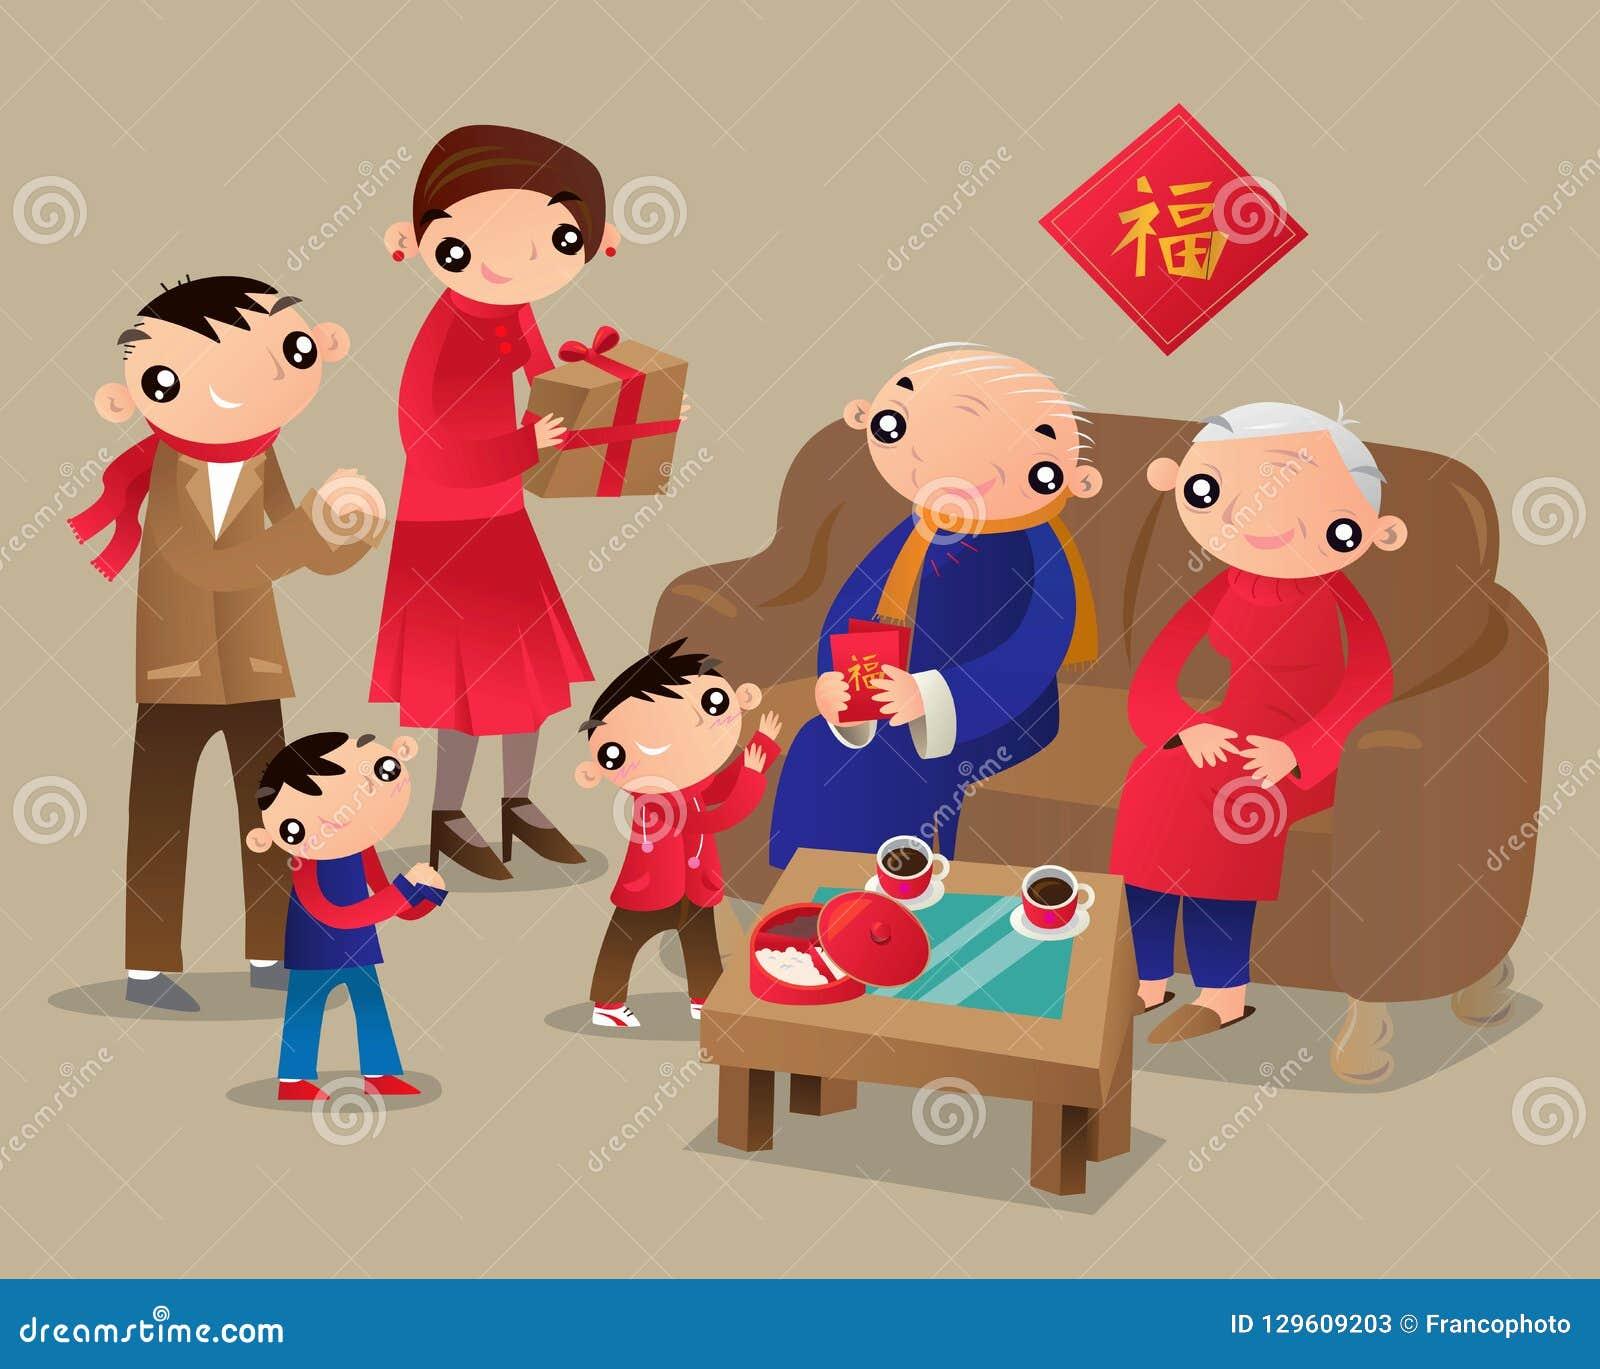 在农历新年节日期间,香港家庭参观亲戚的家